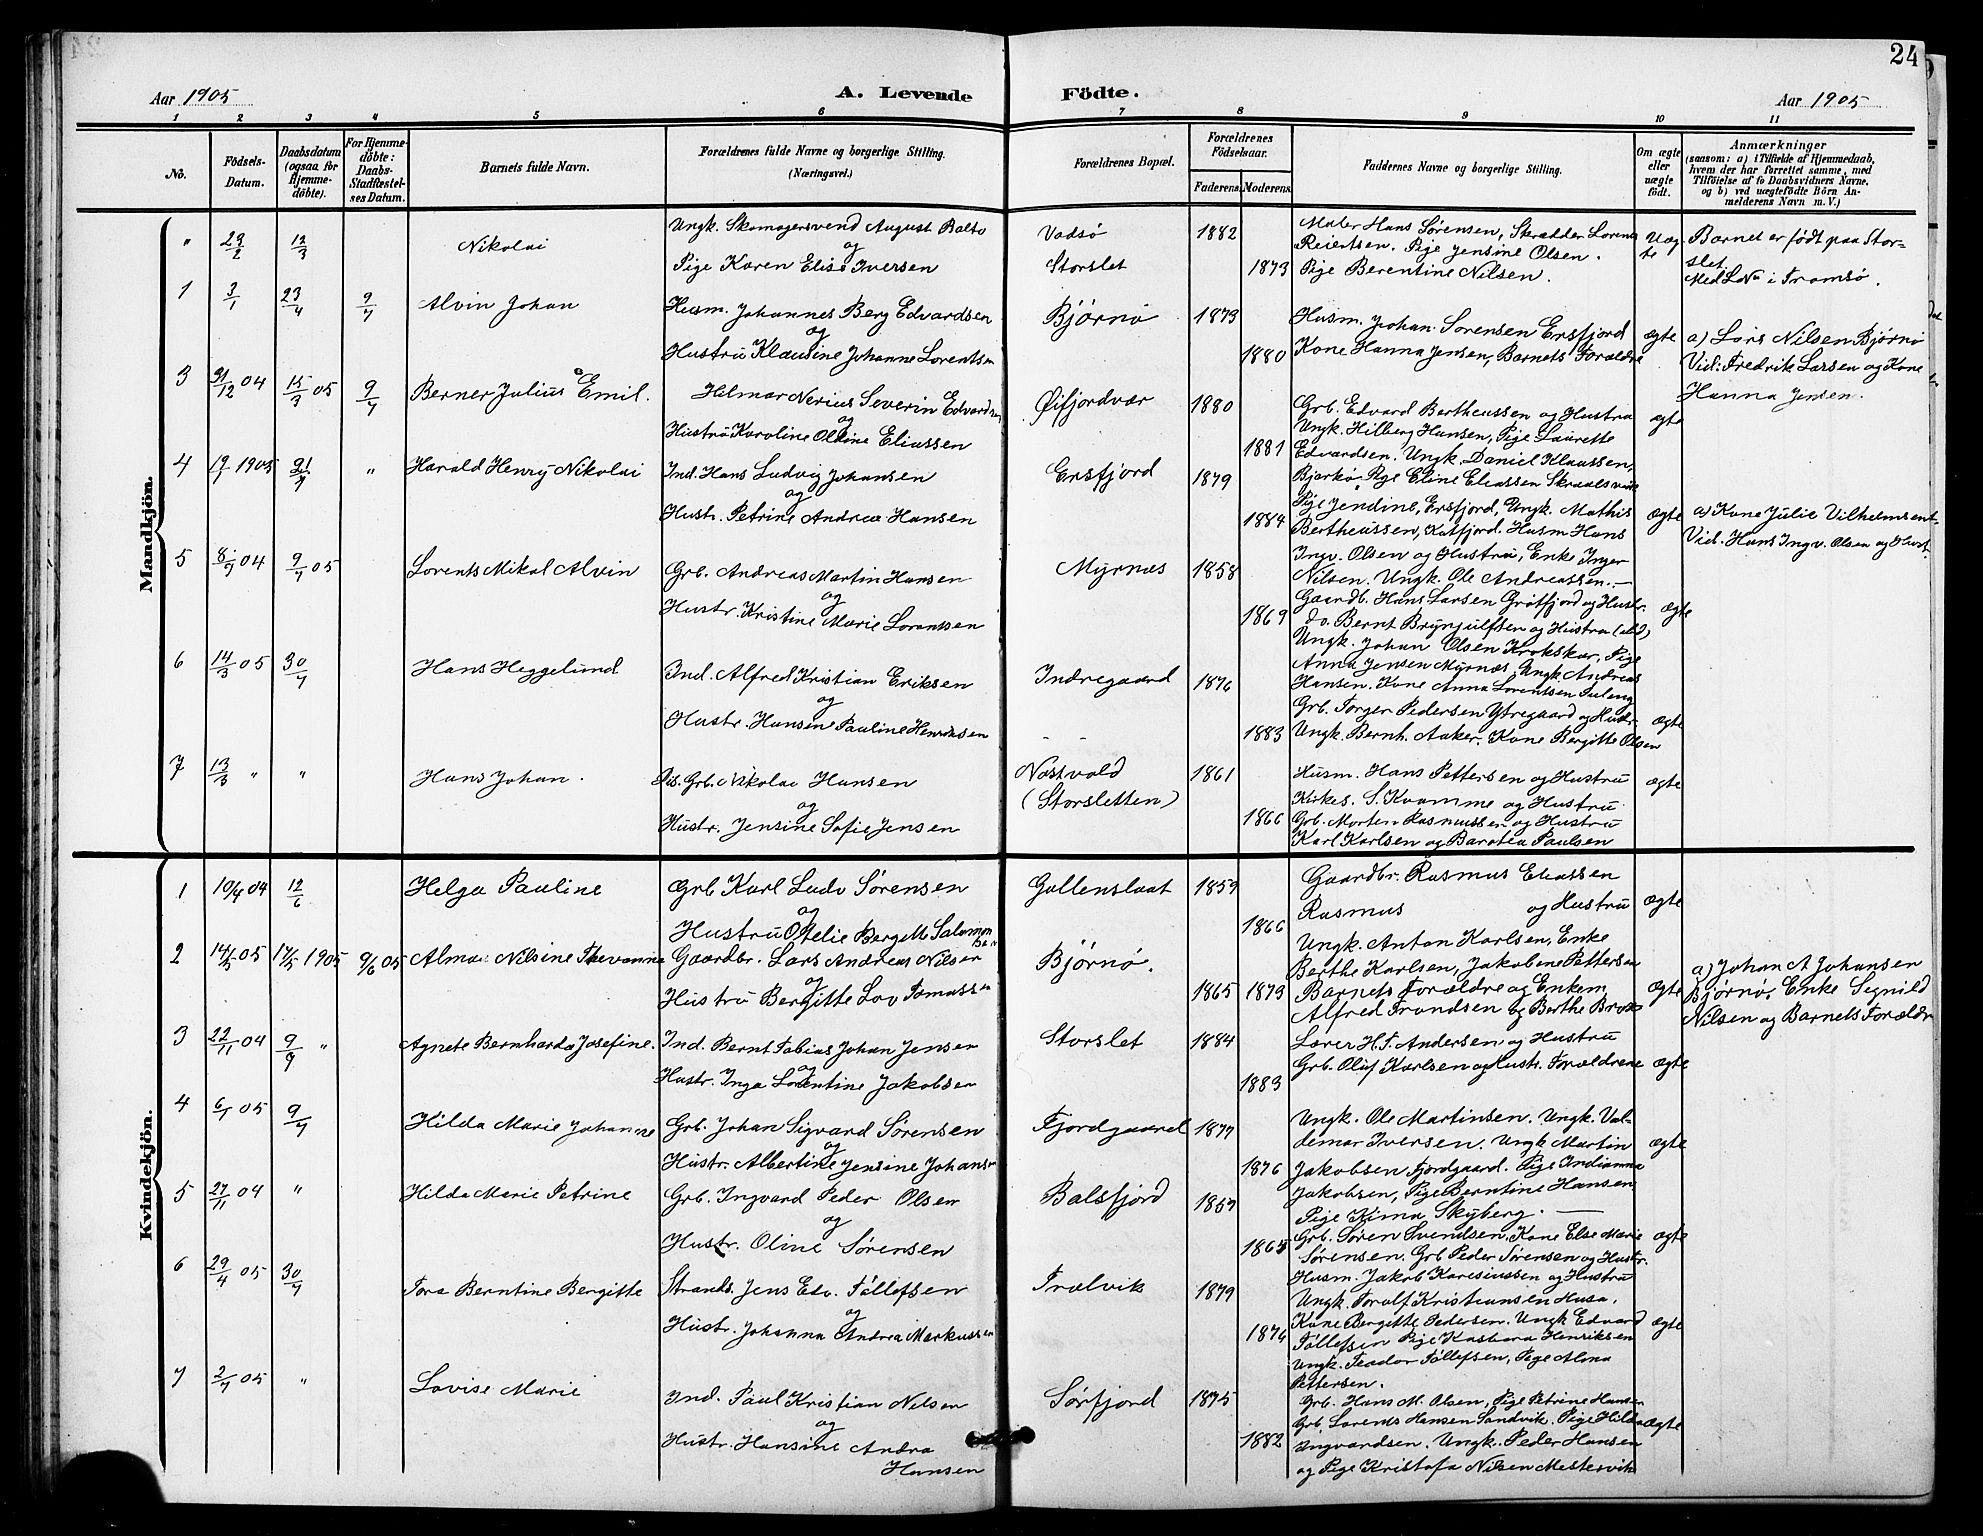 SATØ, Lenvik sokneprestembete, H/Ha/Hab/L0022klokker: Klokkerbok nr. 22, 1901-1918, s. 24